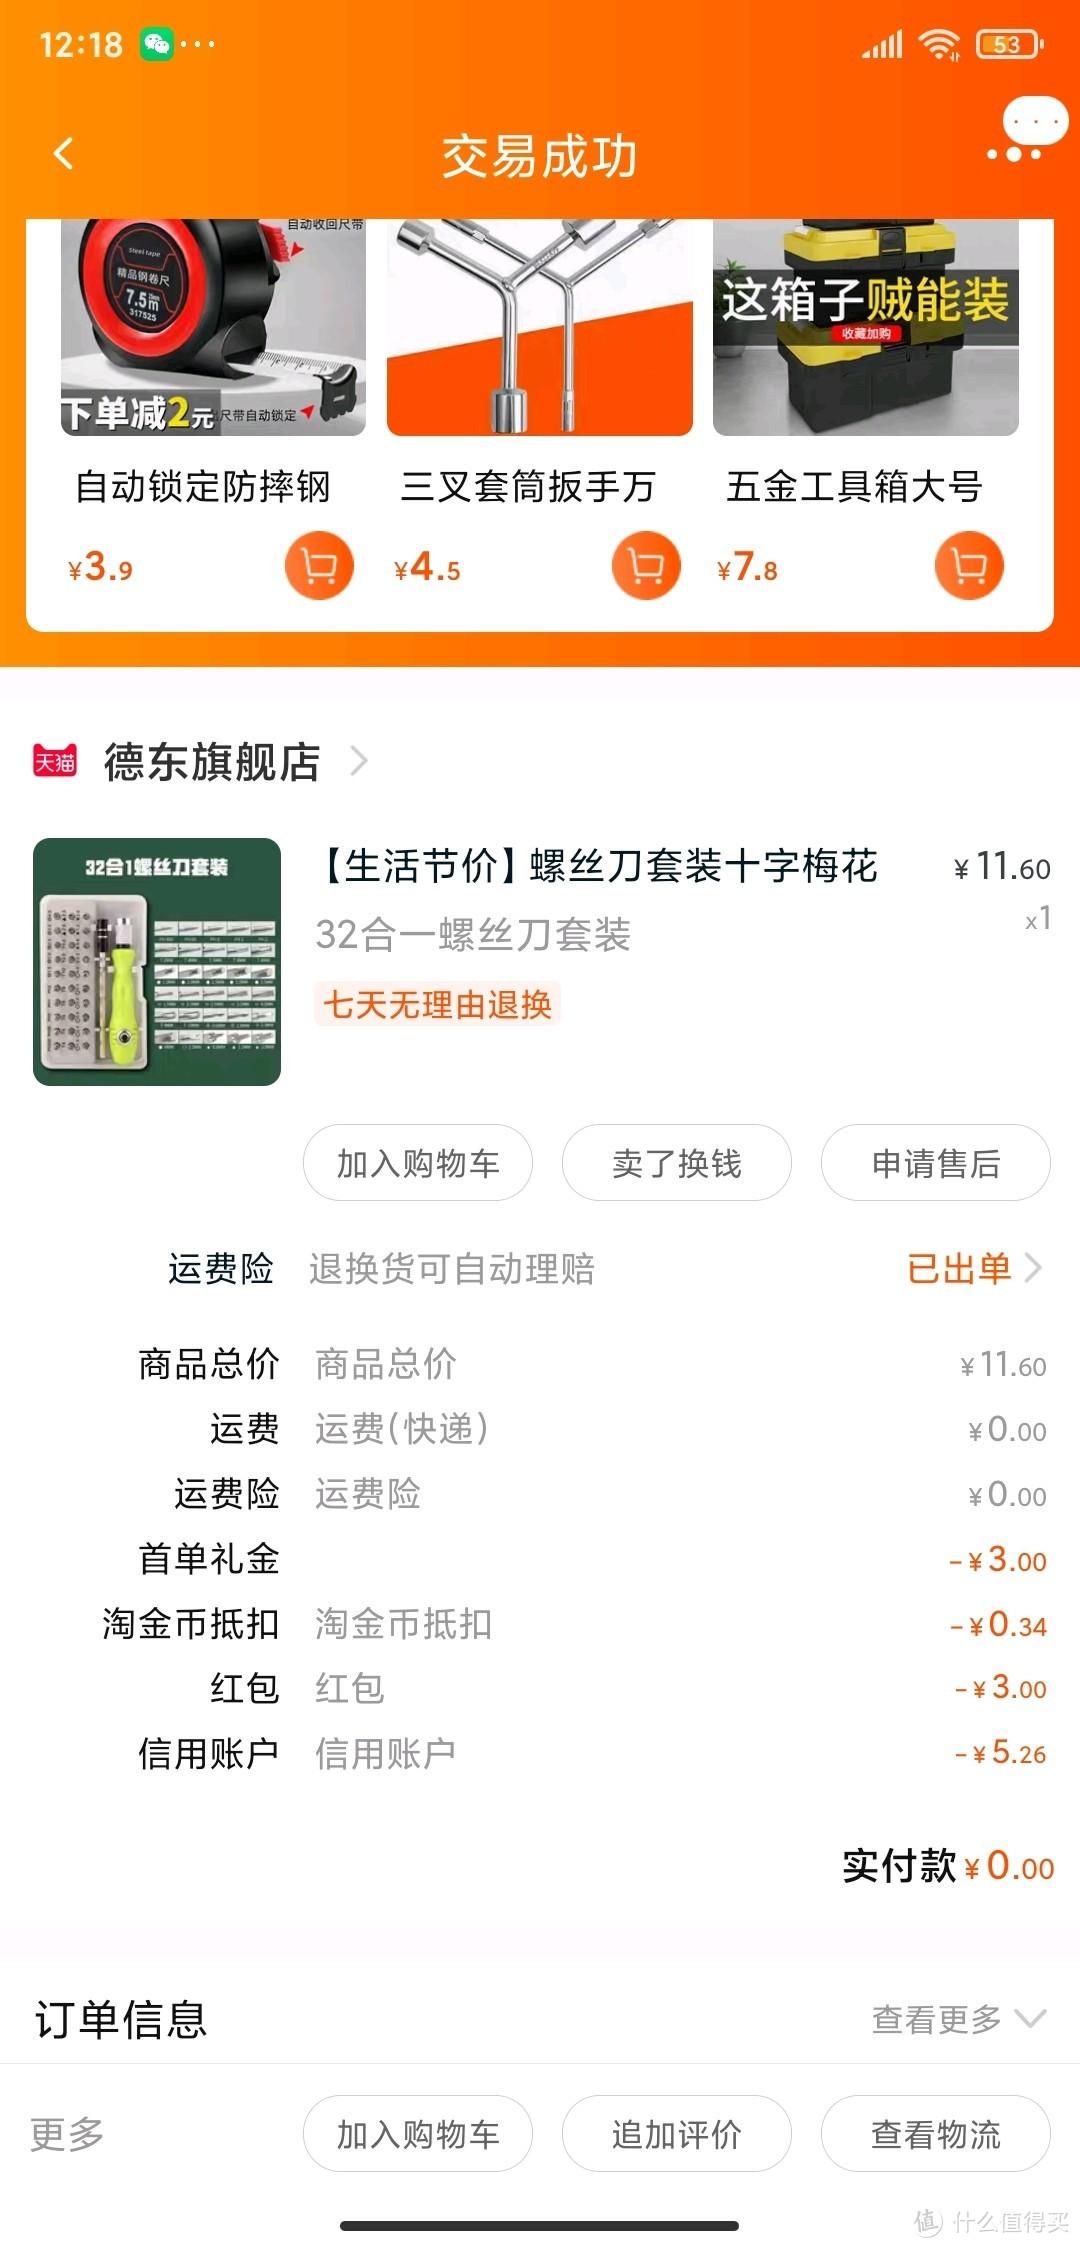 联想小新pro13 升级ax210网卡 用上wifi6啦